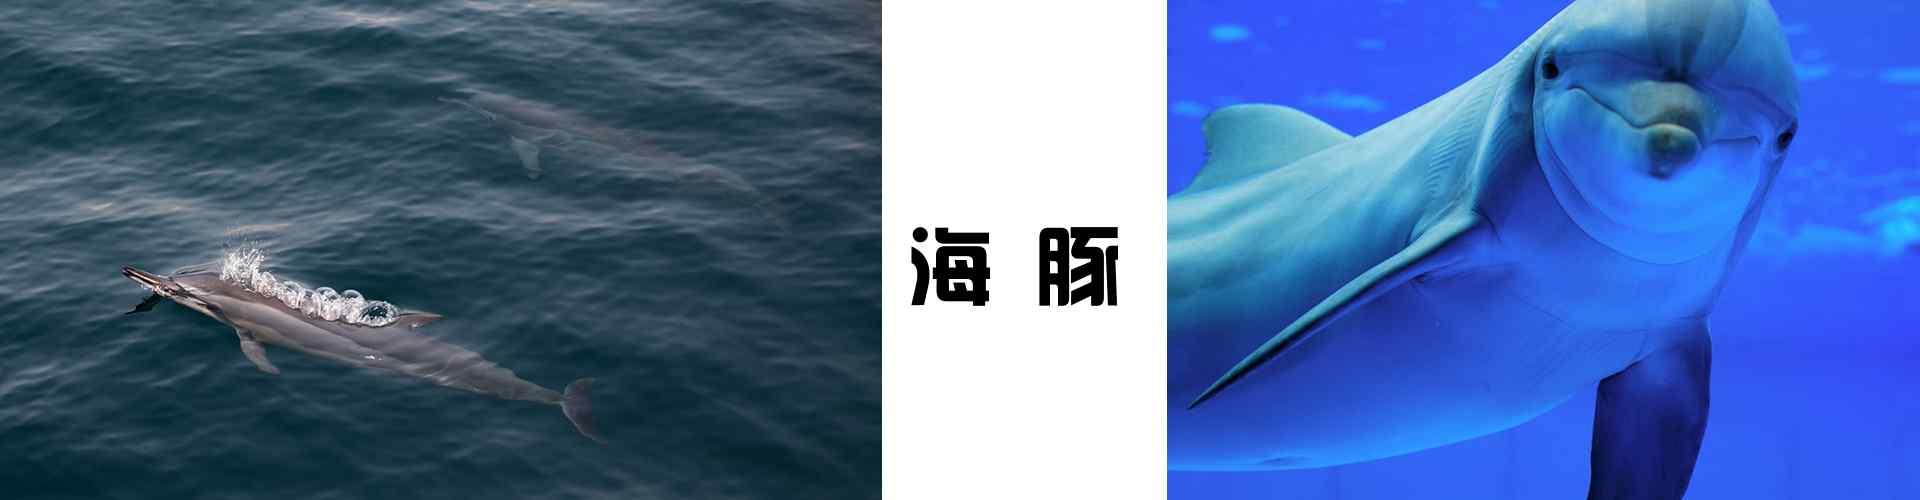 海豚_海豚图片_海豚手绘图片_海豚手机壁纸、桌面壁纸_动物壁纸